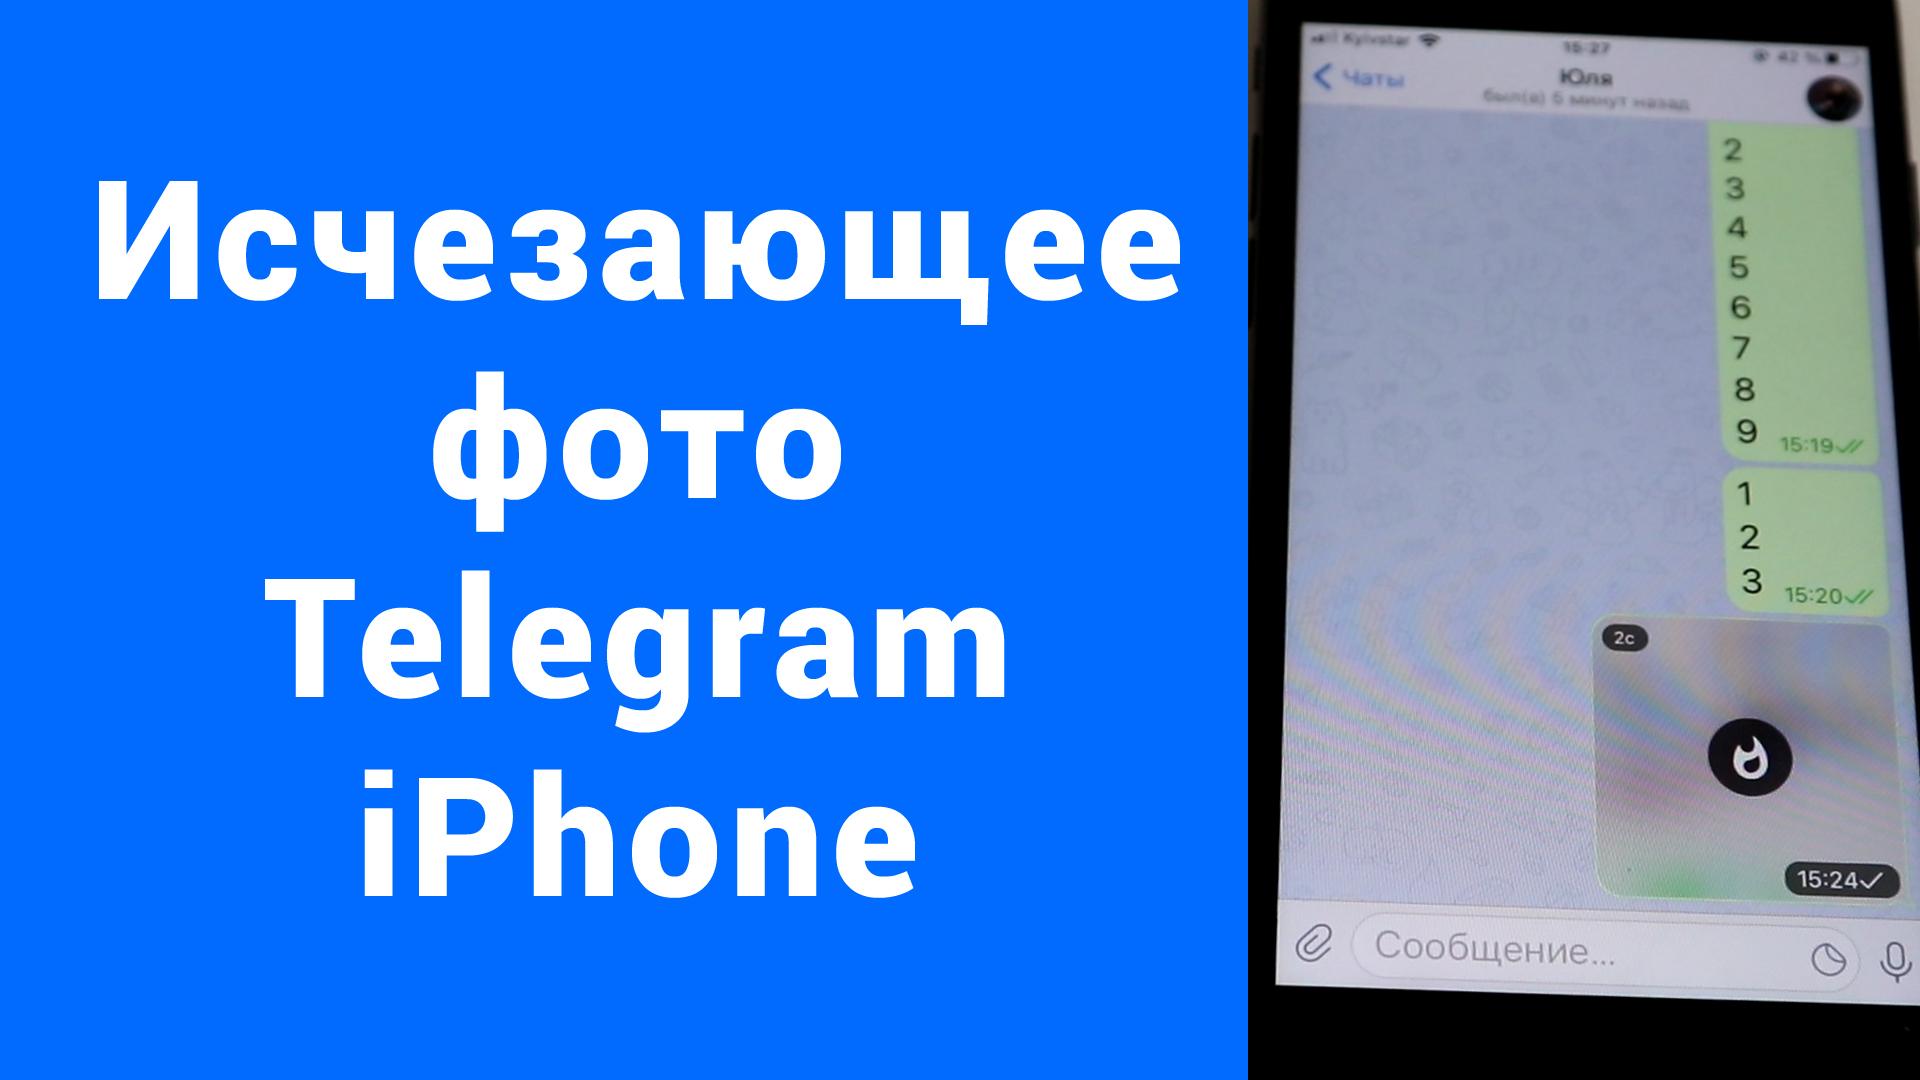 Отправить фото или видео и само удалиться через время Телеграм iPhone (исчезающее фото)